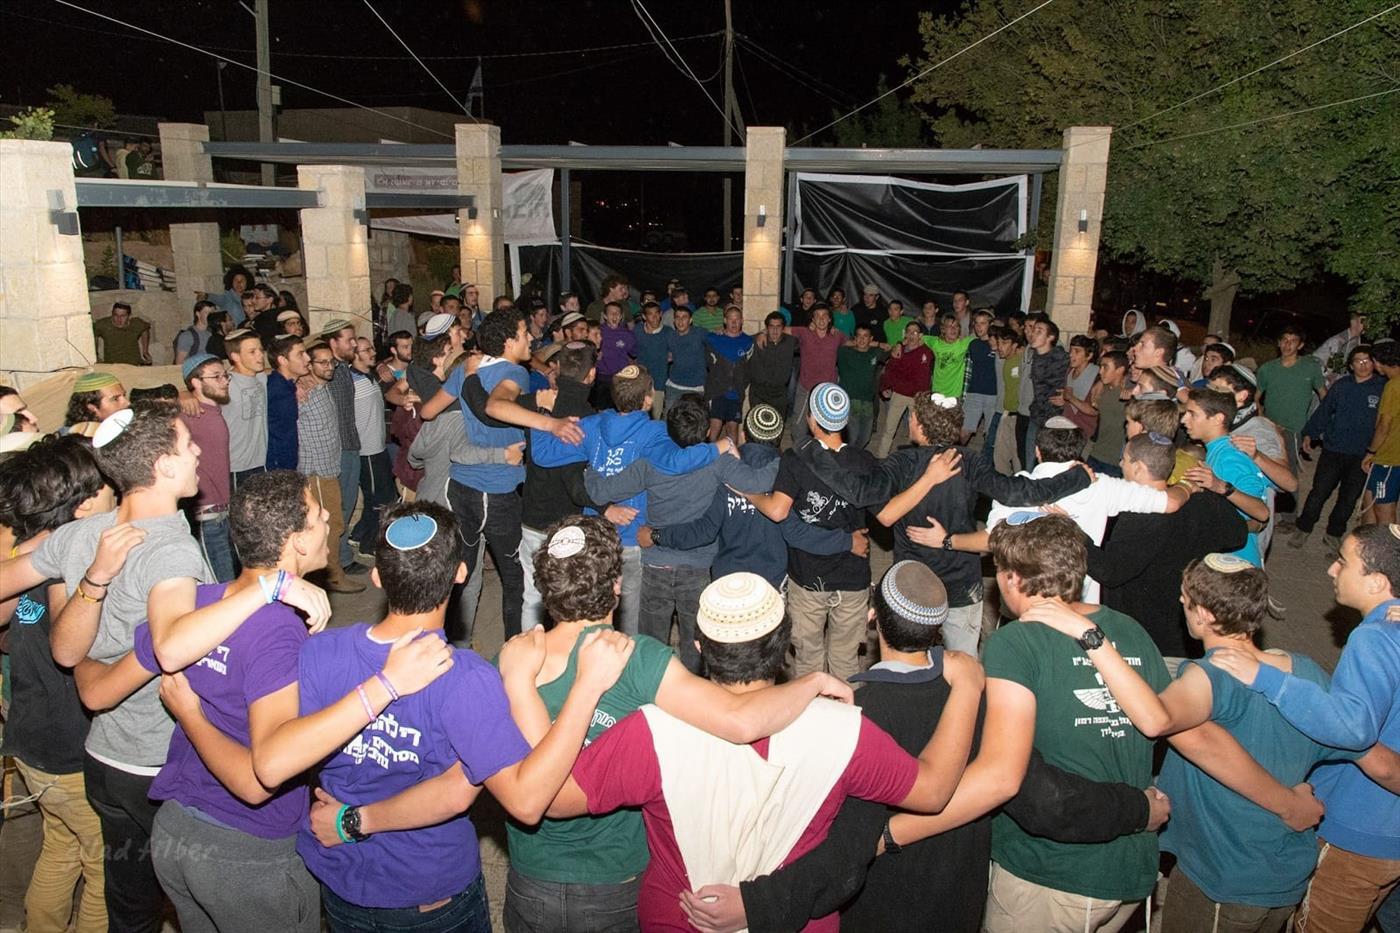 ריקודים לפני הפינוי (צילום: גלעד פילבר/TPS)